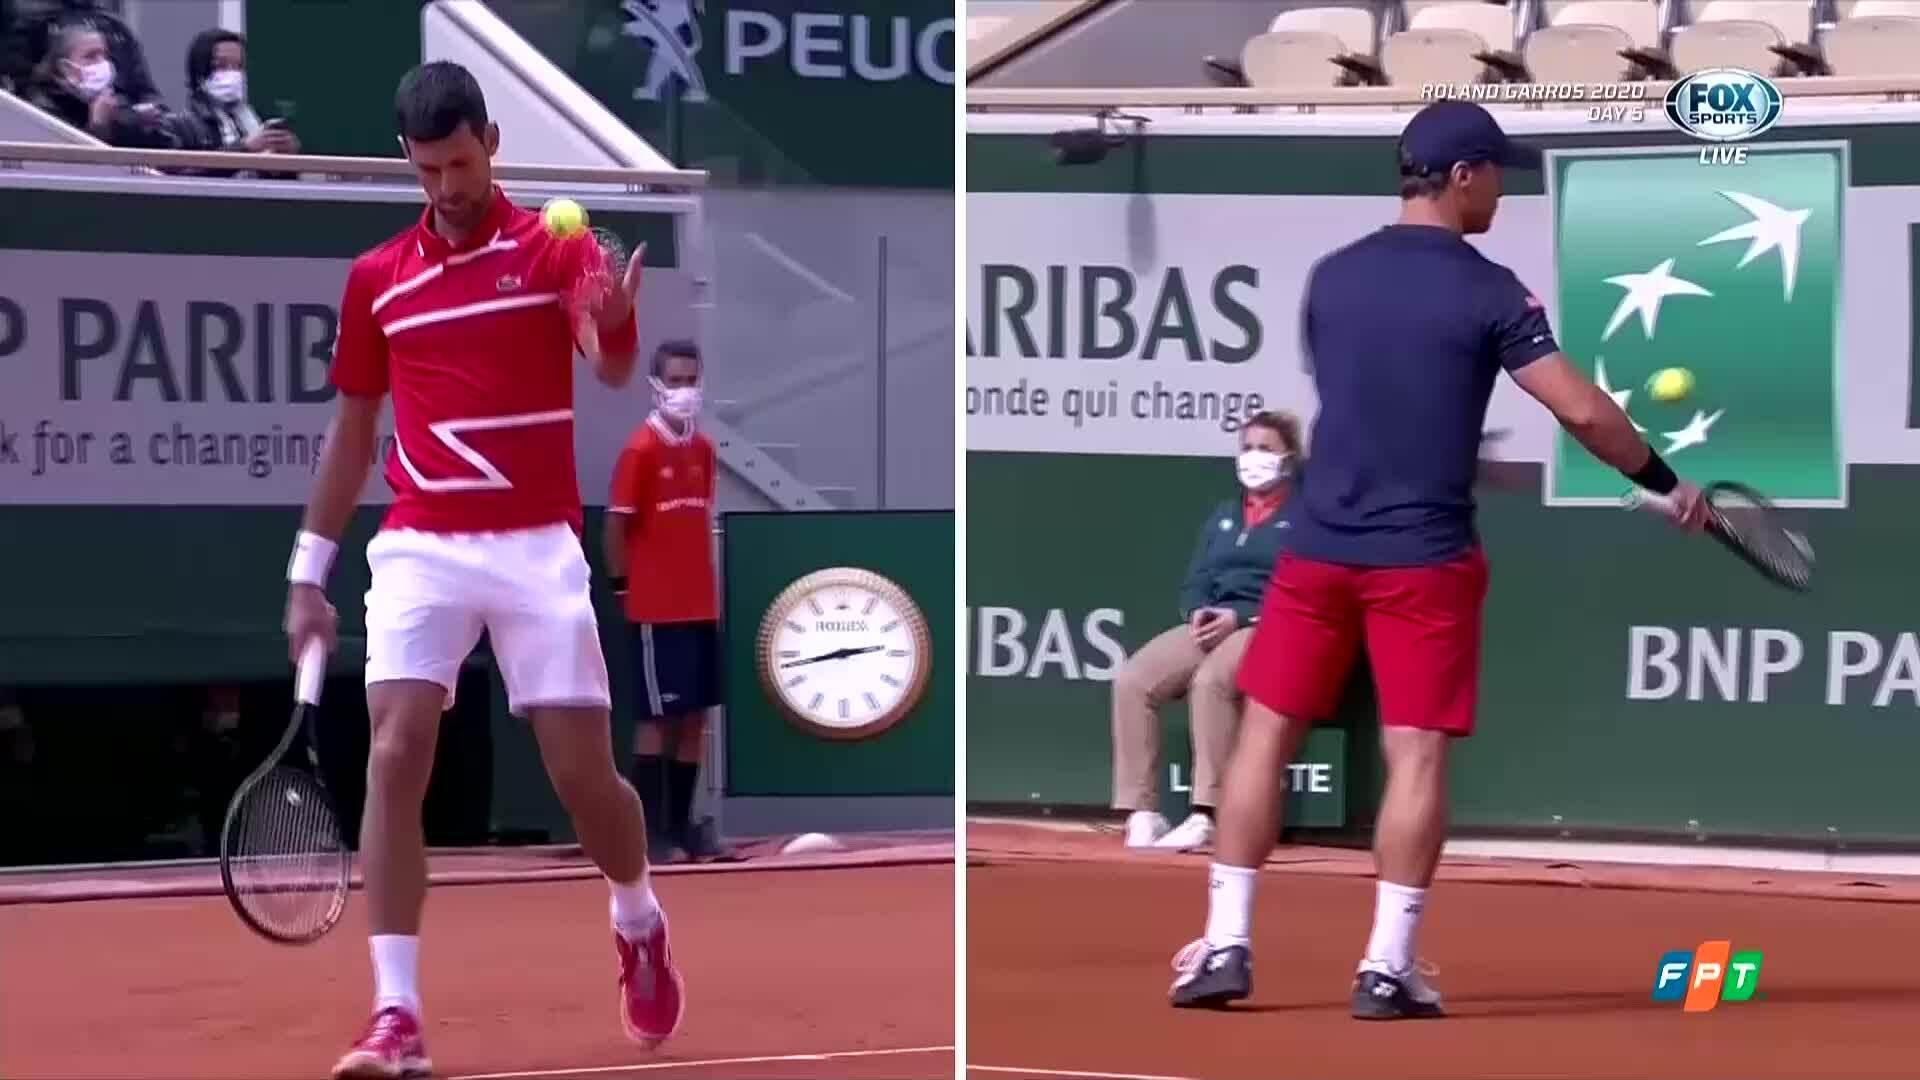 Novak Djokovic 3-0 Ricardas Berankis